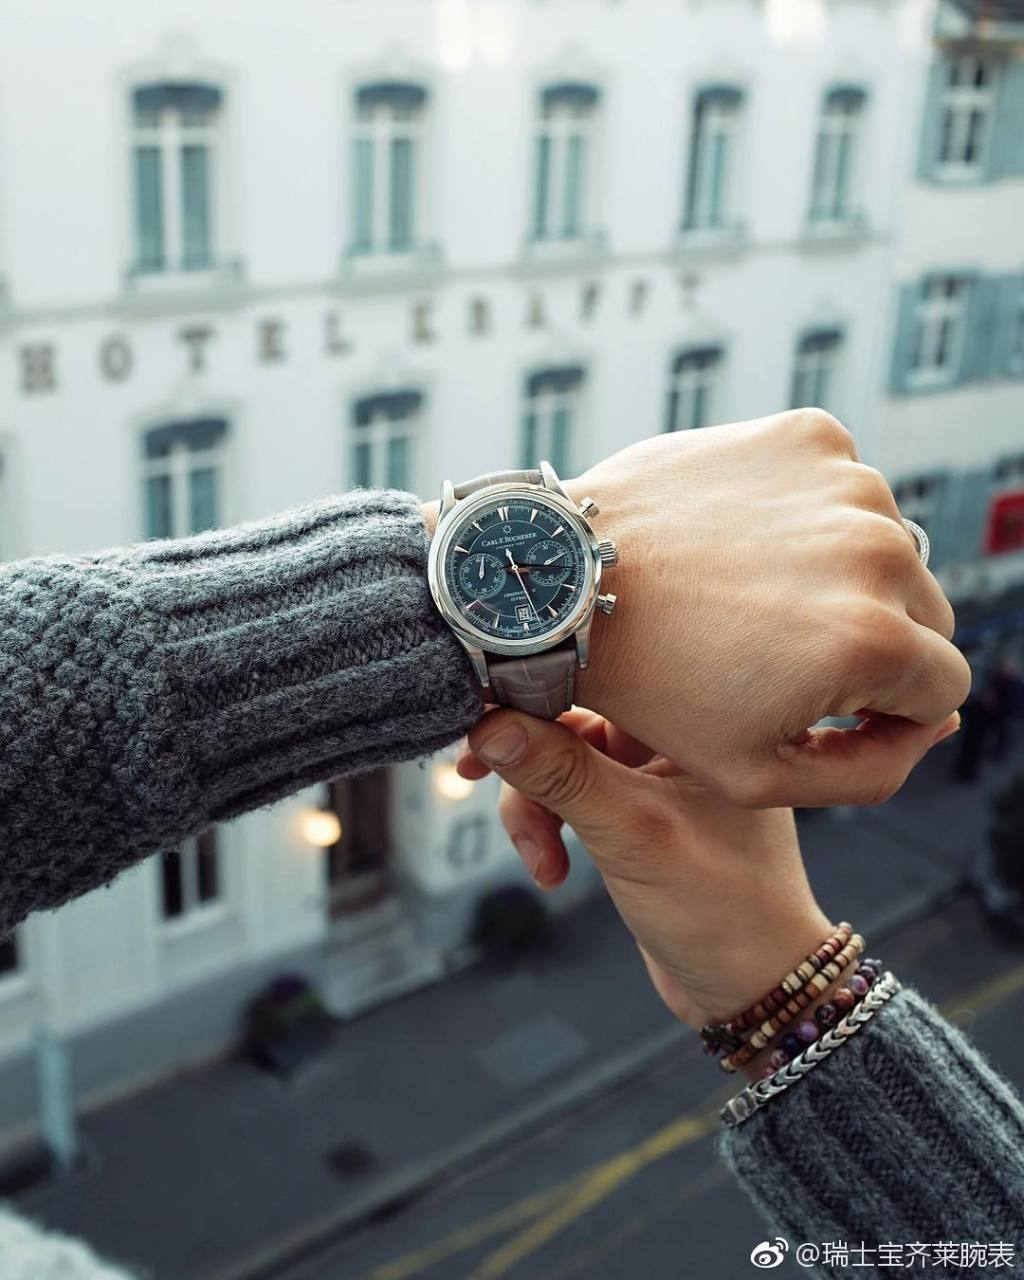 宝齐莱机械手表好不好  性价比高吗